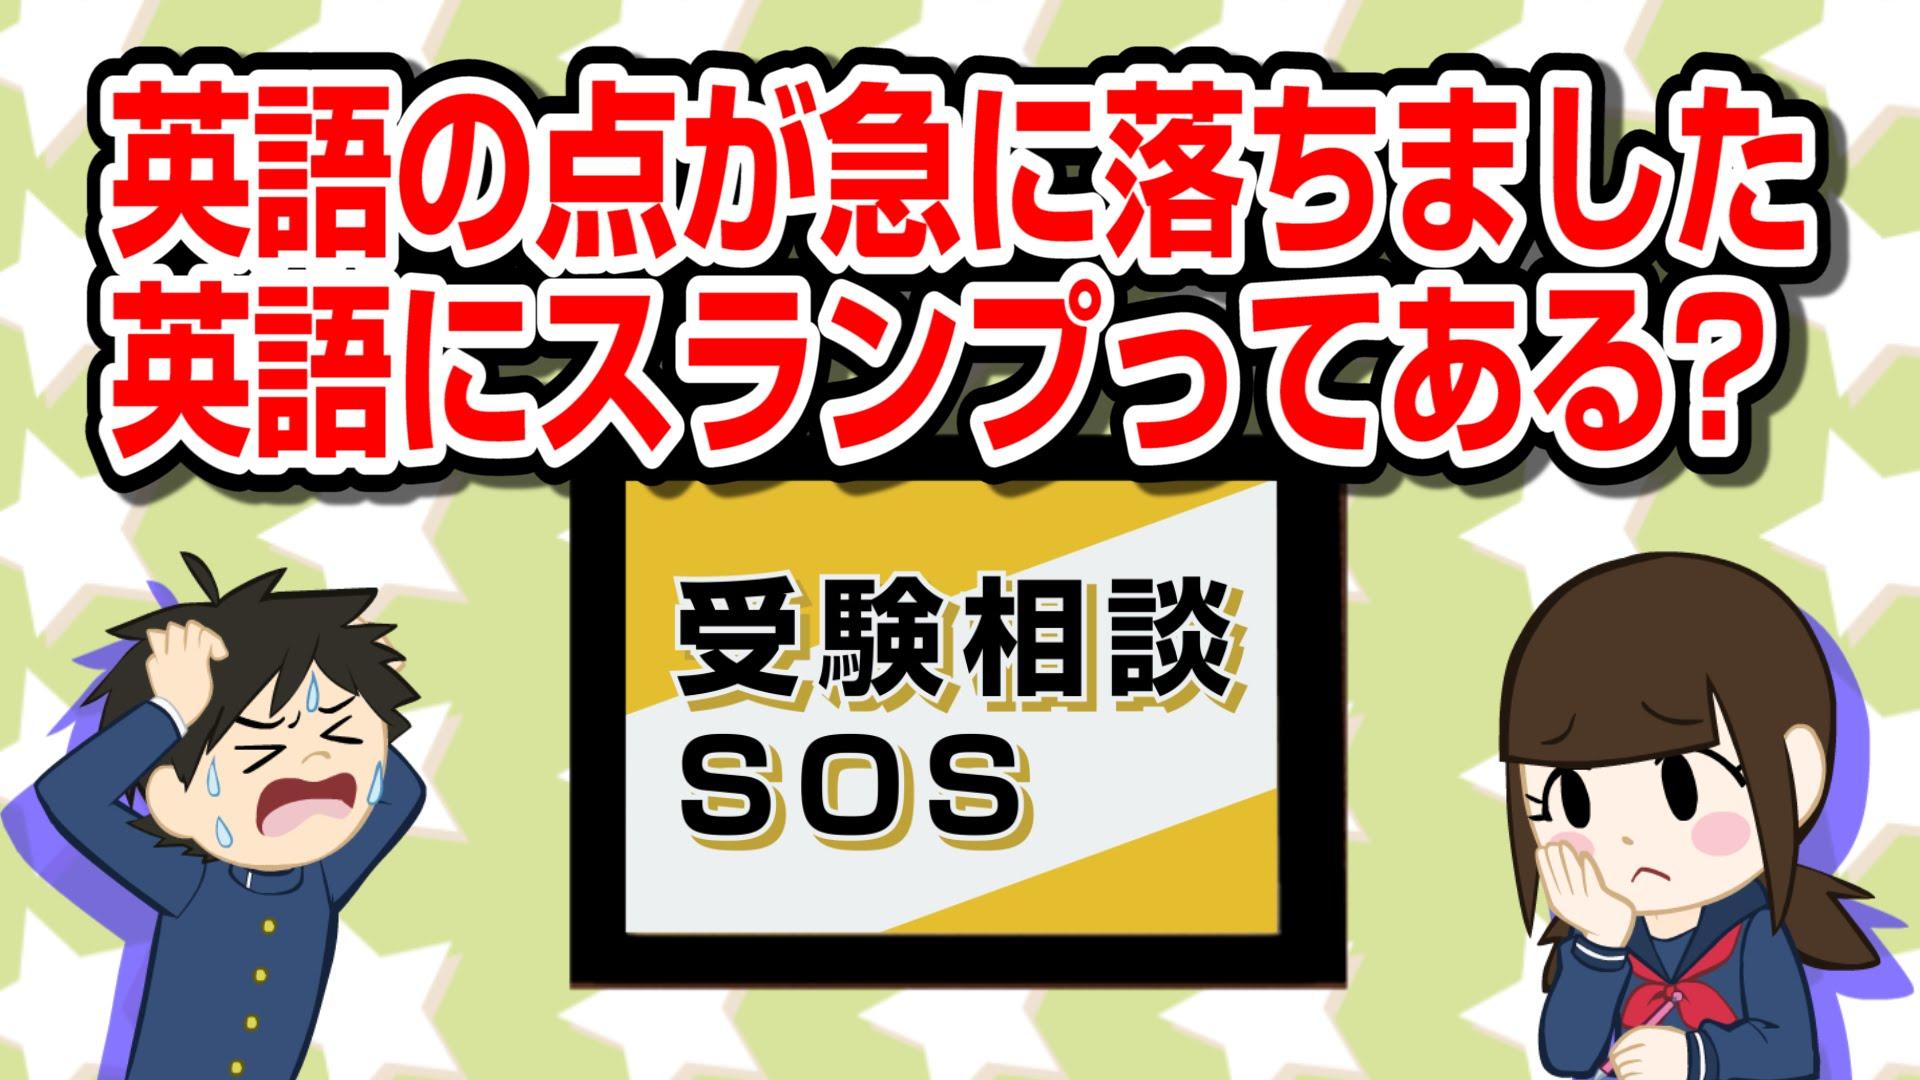 【vol.86】受験にスランプは無い!?|受験相談SOS